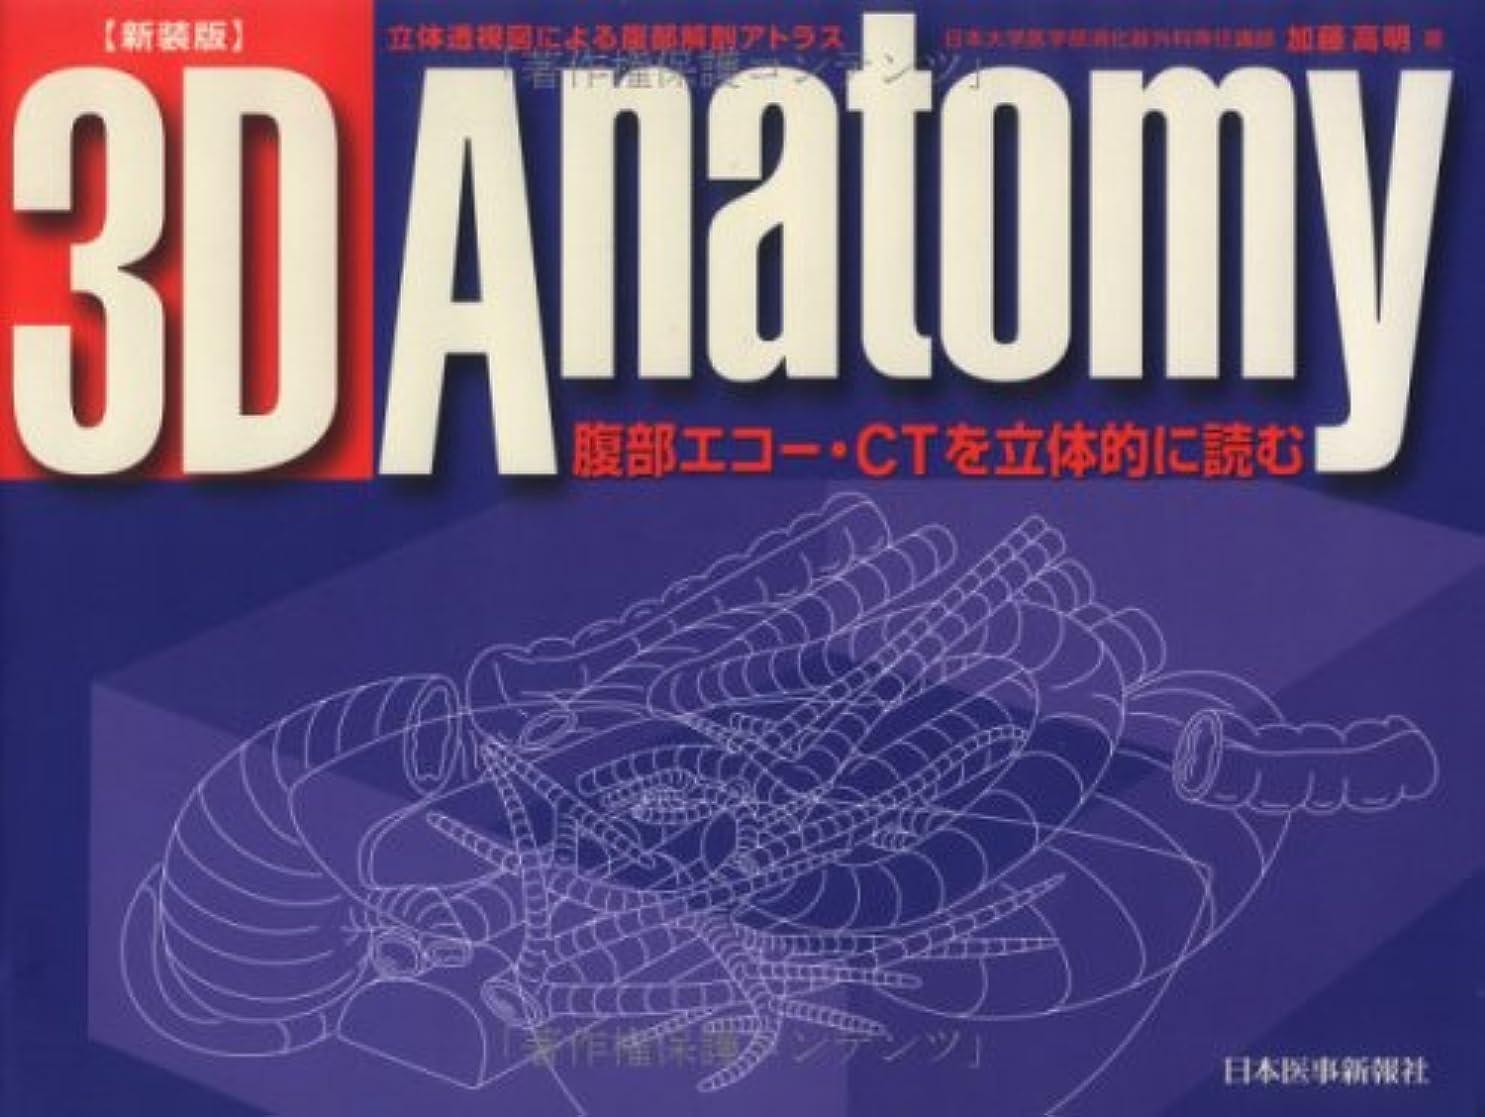 海洋の驚いたことにヒップ3D anatomy―腹部エコー?CTを立体的に読む